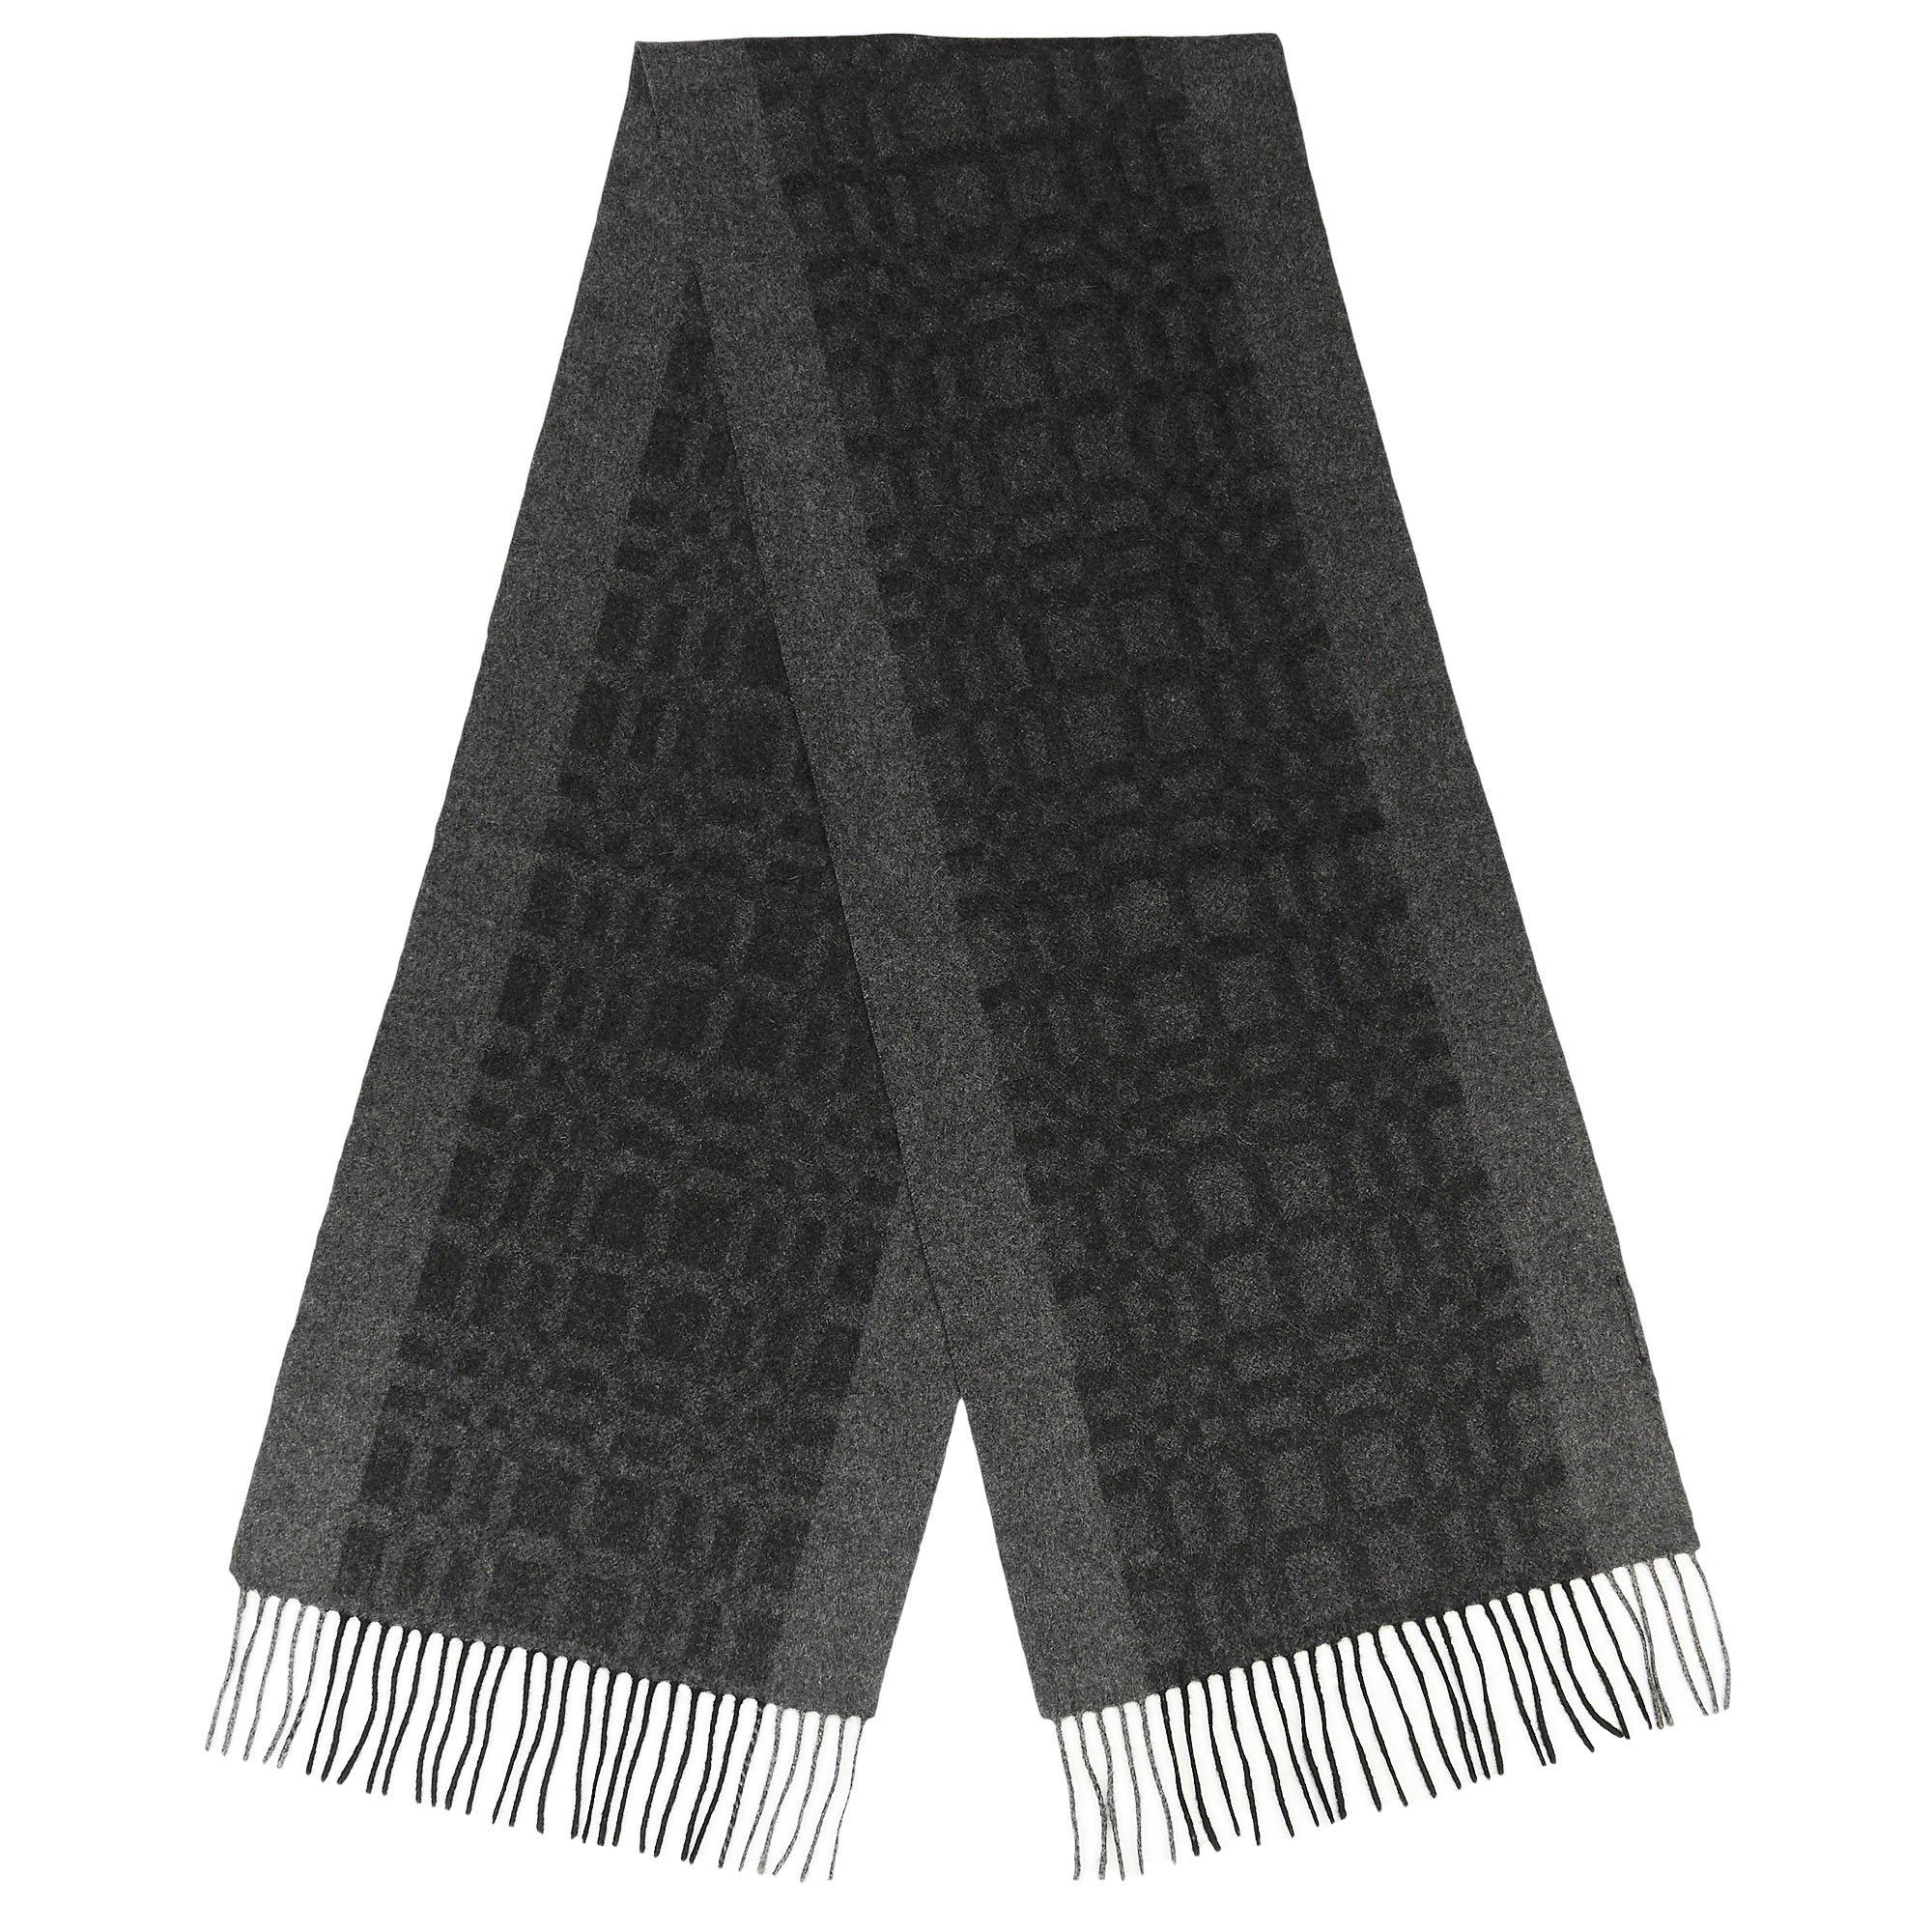 Men's 100% Premium Cashmere Scarf | Soft, Warm, Elegant, Luxury by LEON (627)